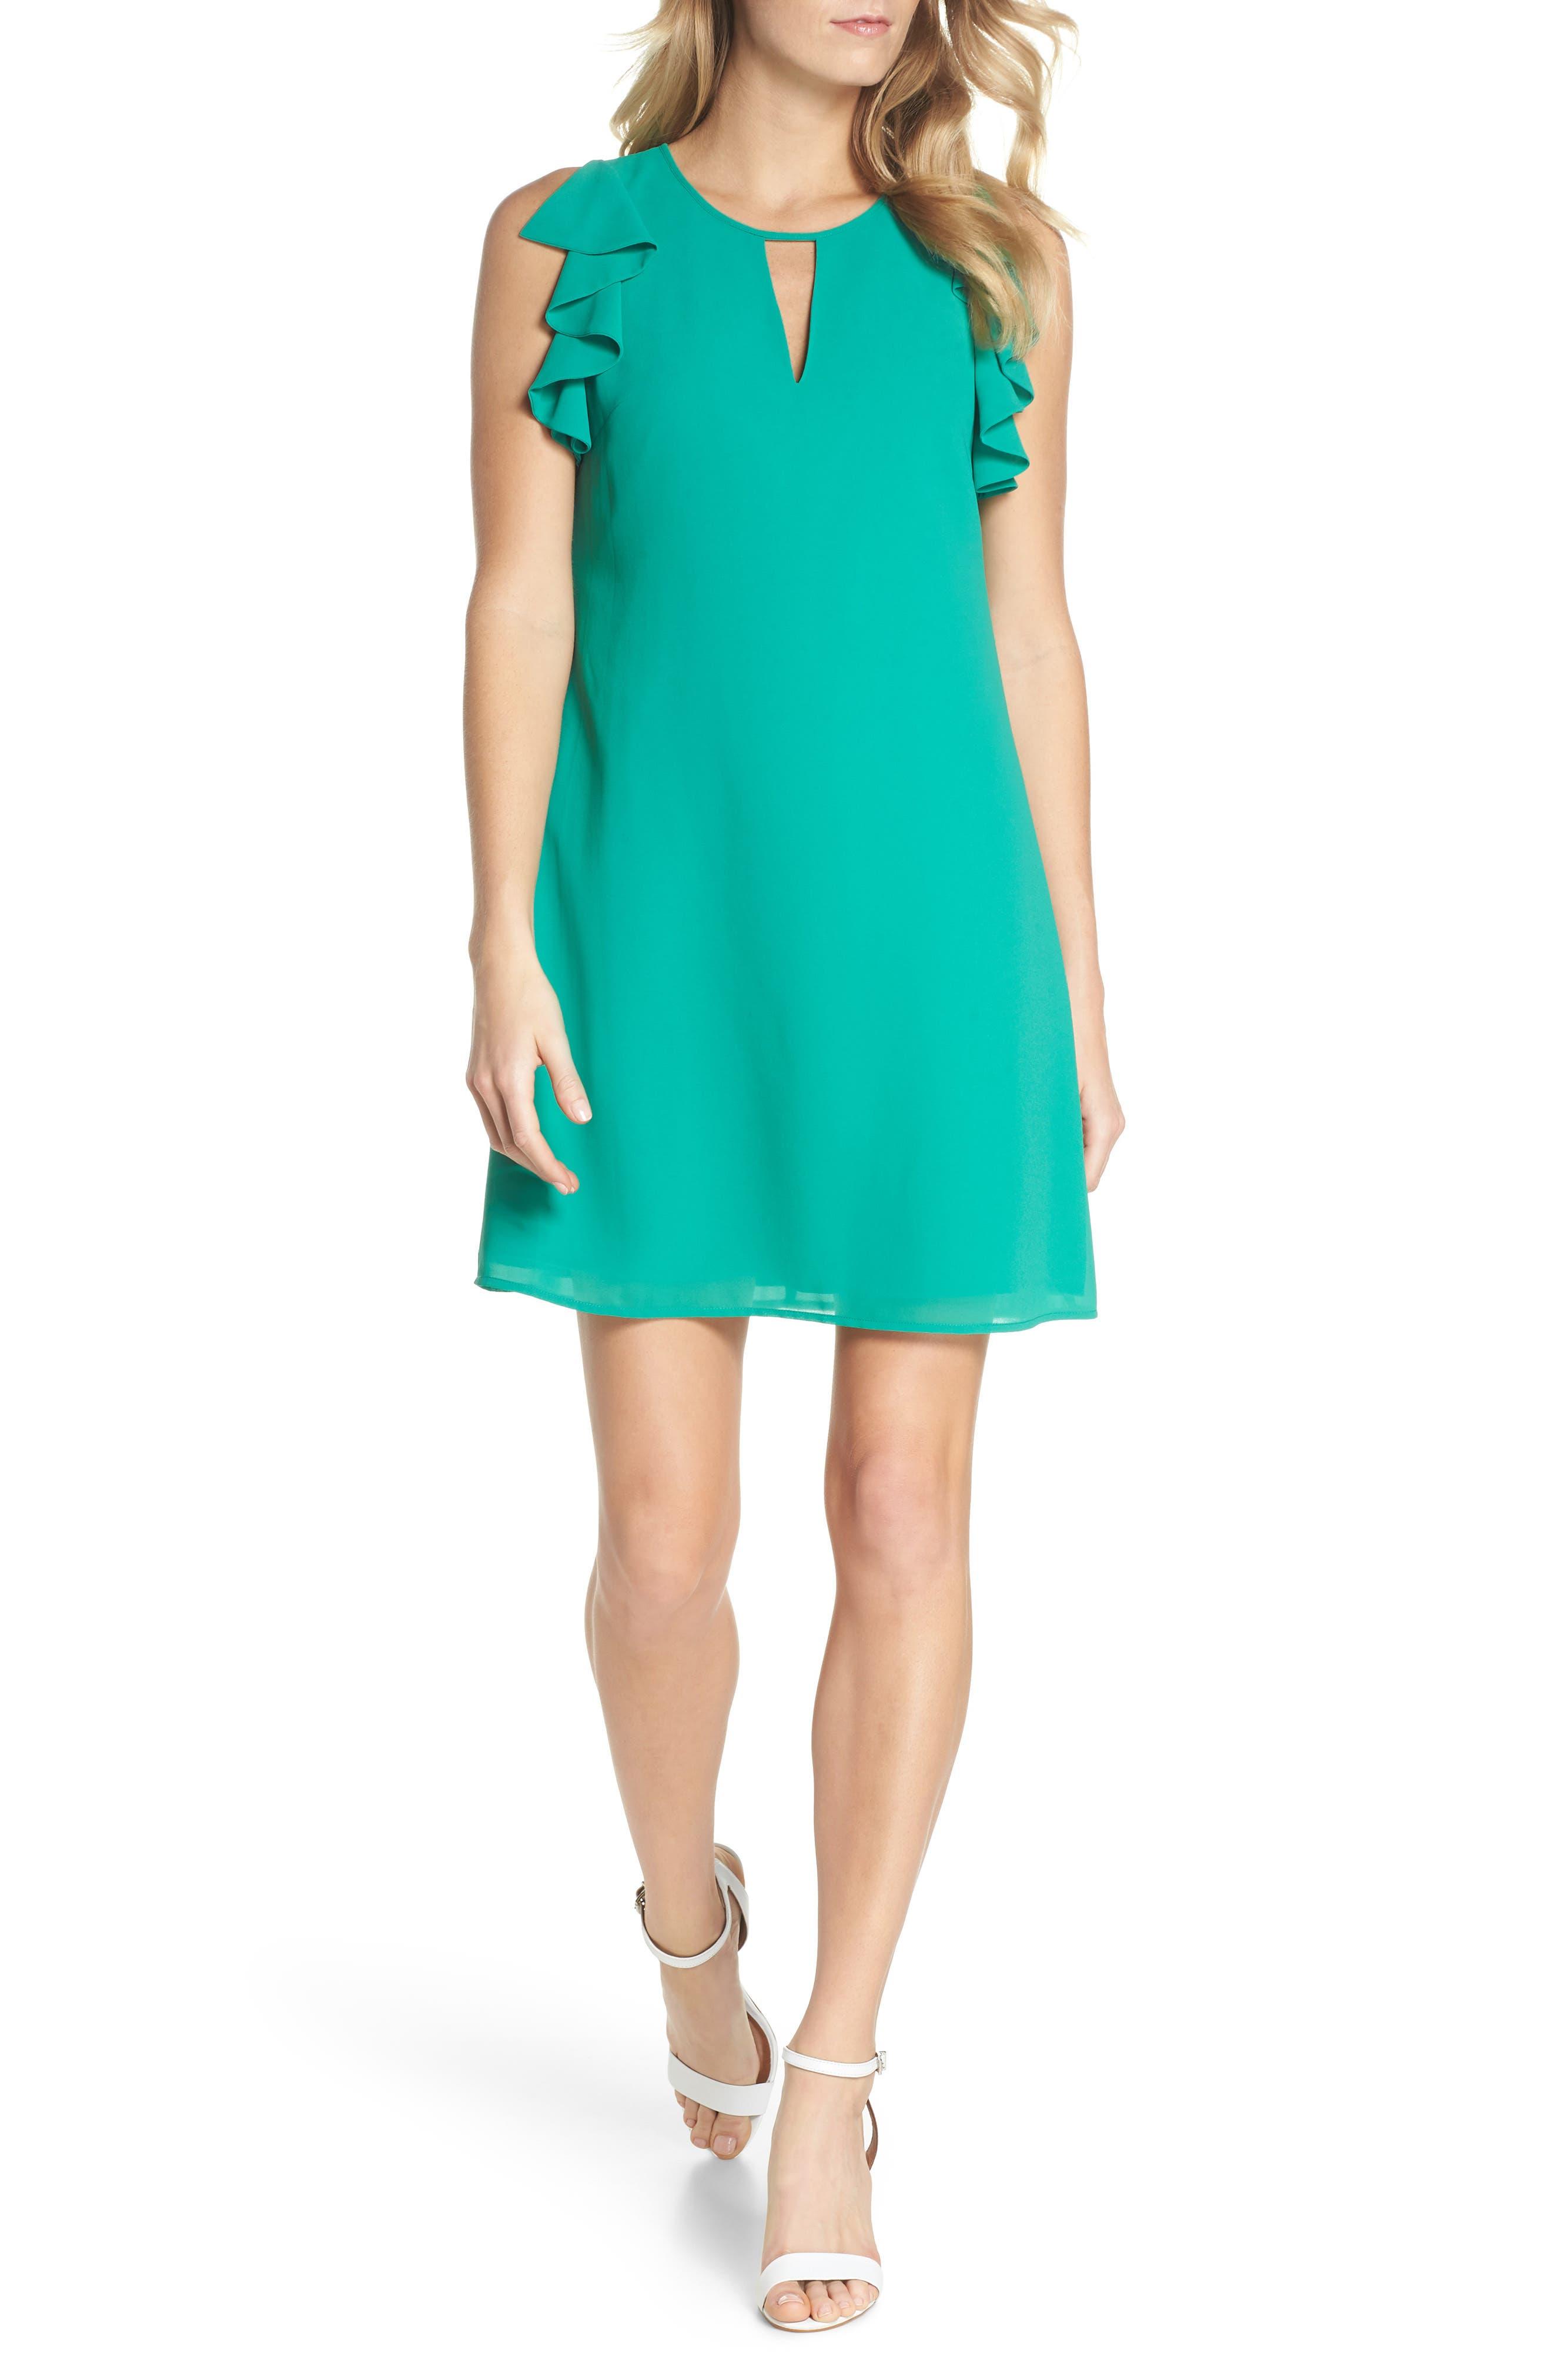 Soufflé Ruffle Chiffon Shift Dress,                         Main,                         color, Green